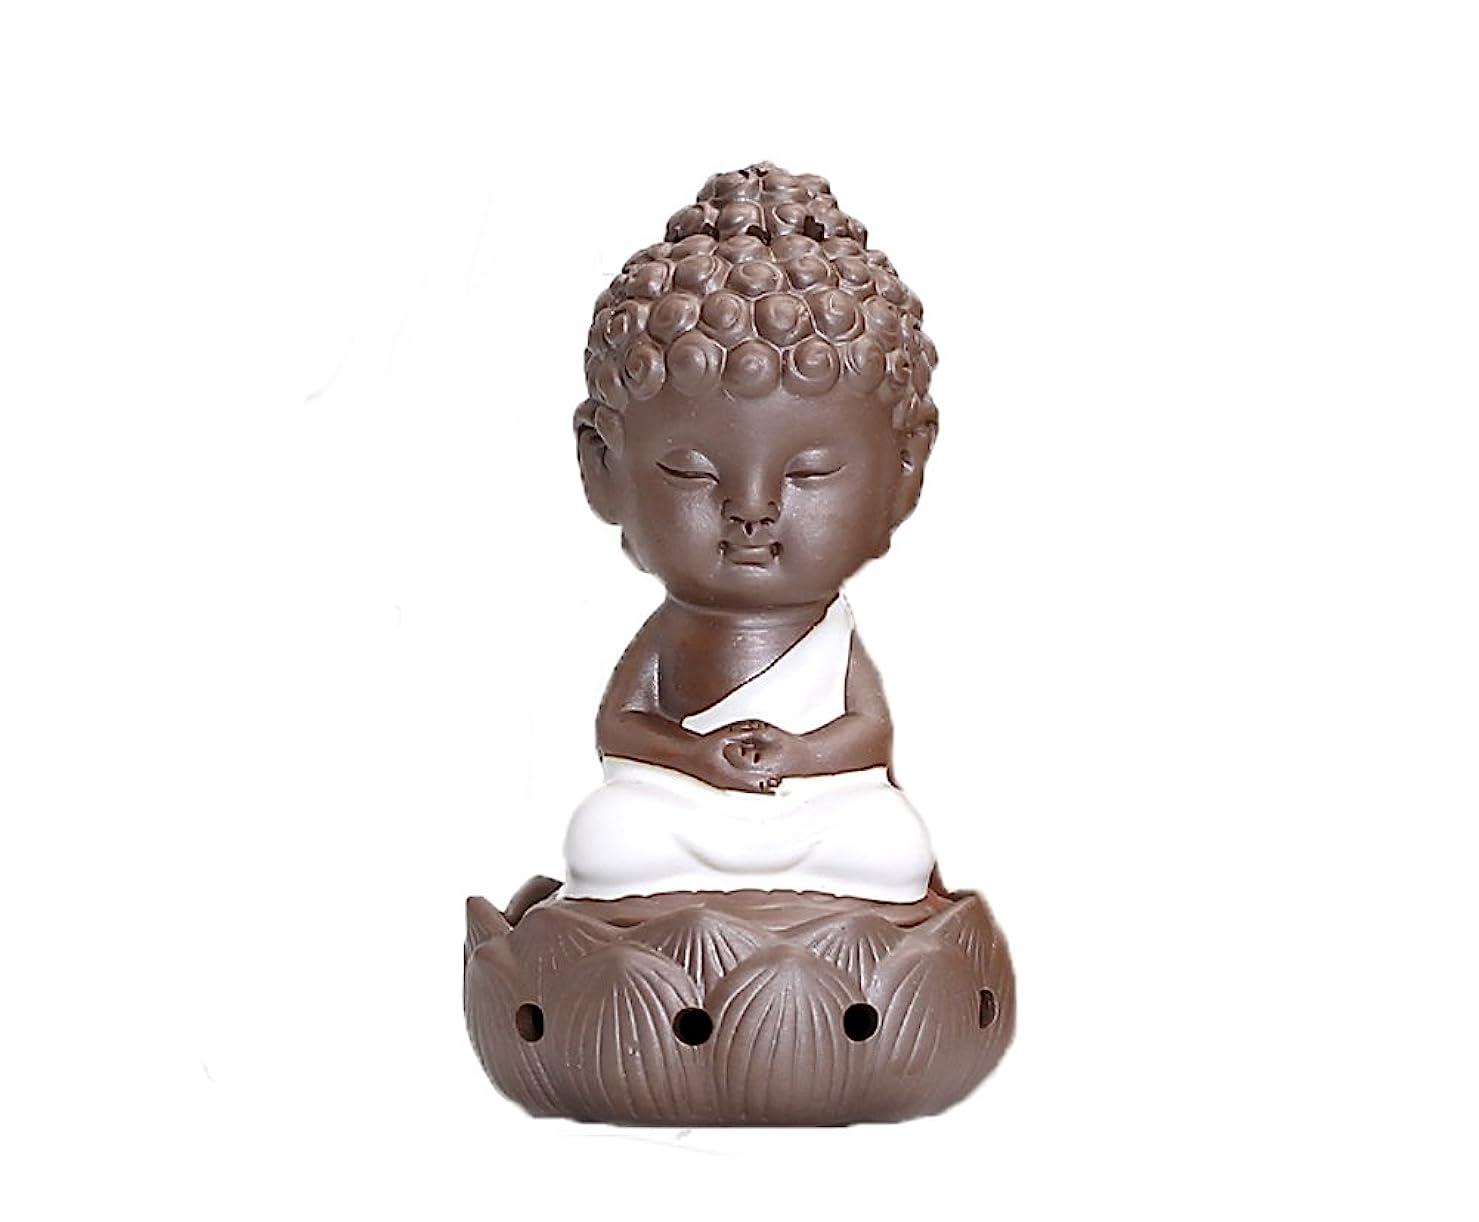 香炉 陶器 お香 ホルダー 巻香 お香立て付き セラミック 癒やし仏 飾り香炉 (ホワイト)